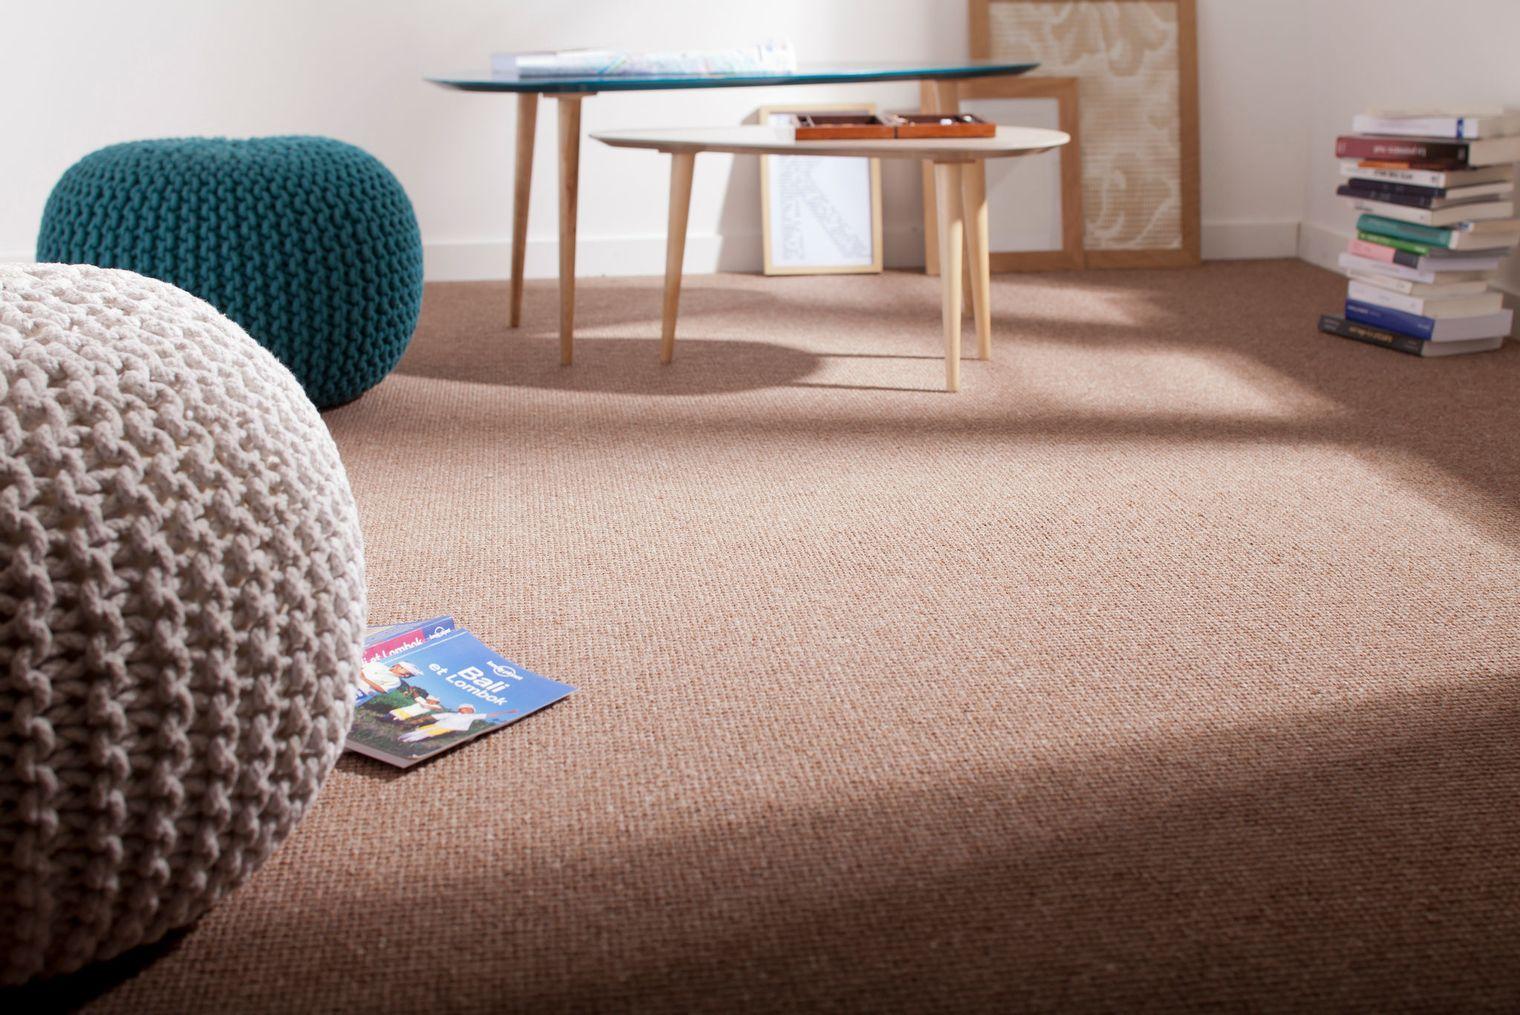 Emejing Chambre Moquette Marron Ideas - House Design - marcomilone.com